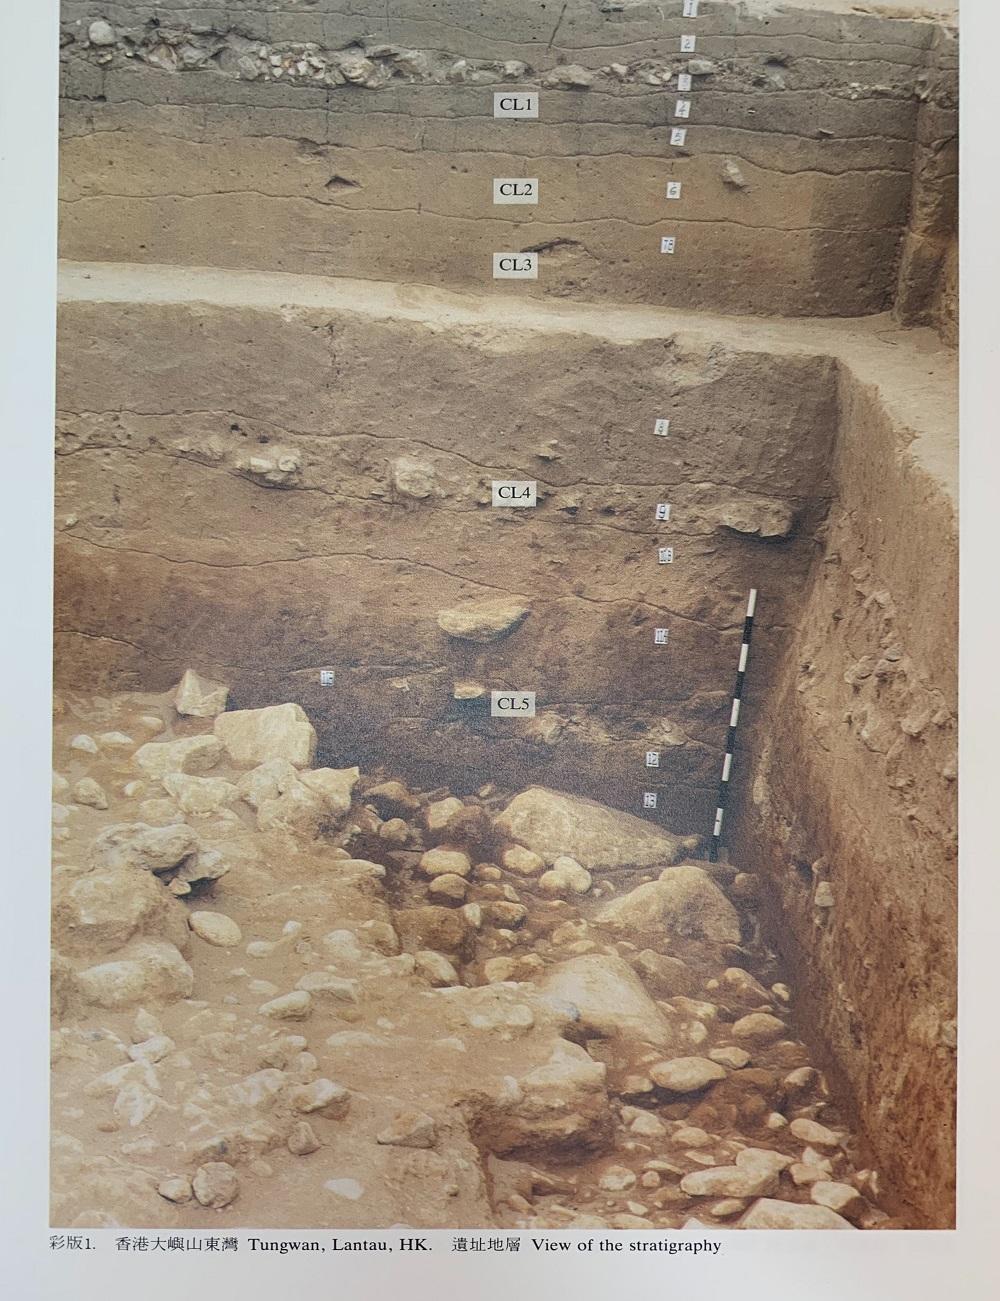 尋找澳門考古遺址的年代